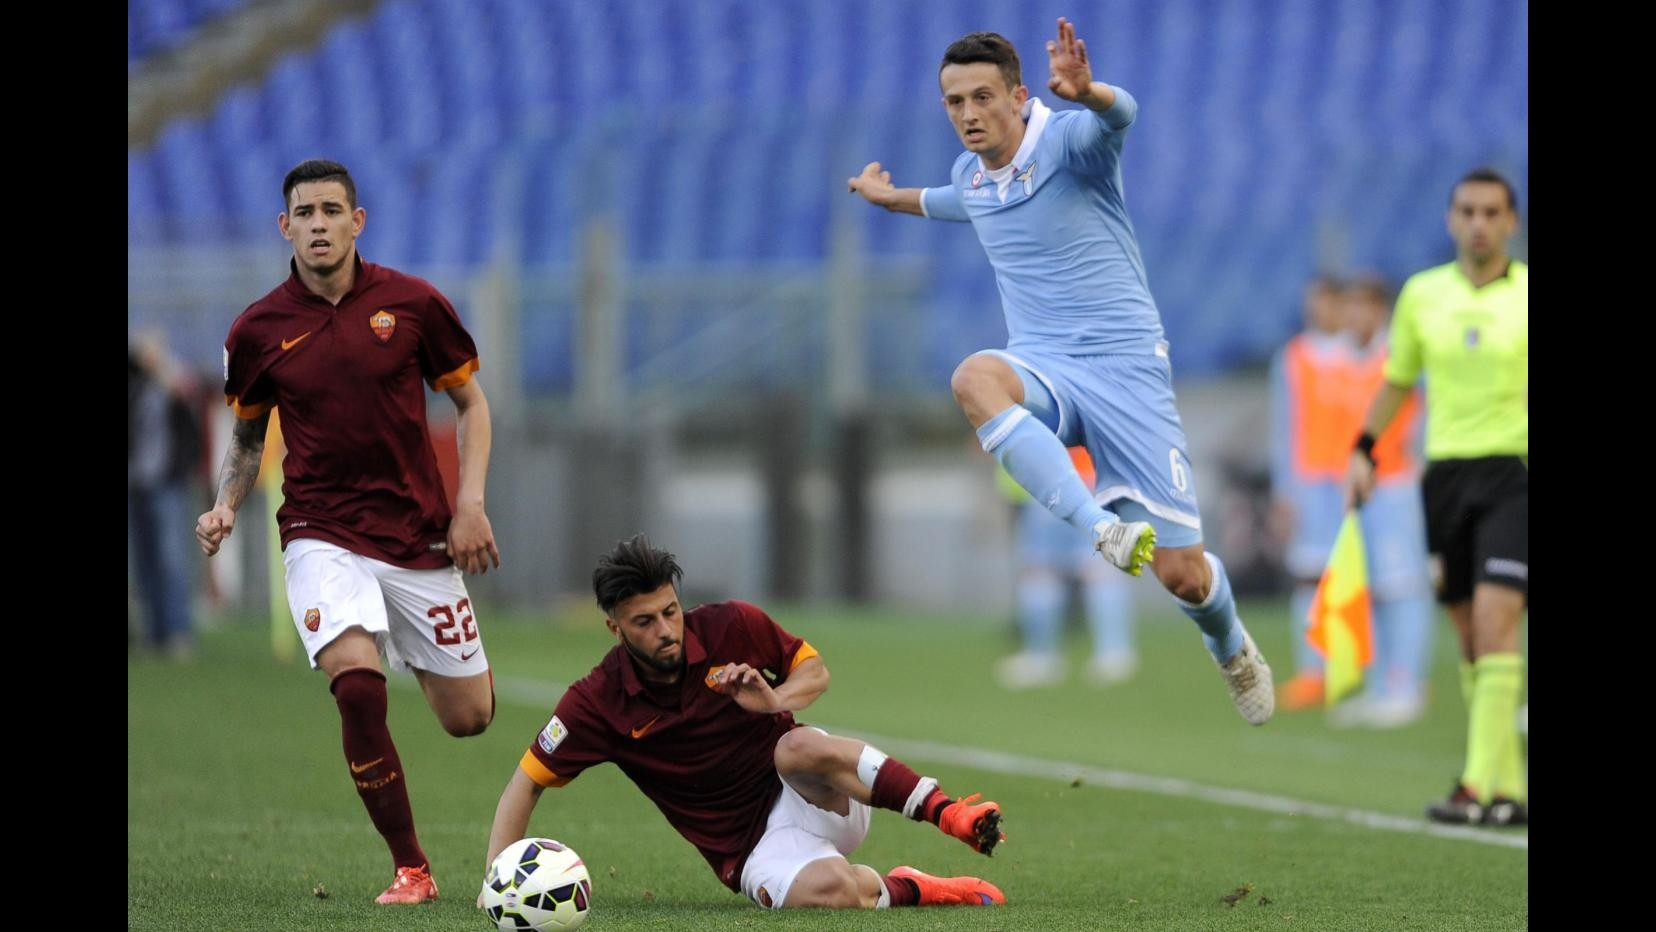 Roma: Verde in prestito a Frosinone. L'Inter venerdì presenta Kondogbia